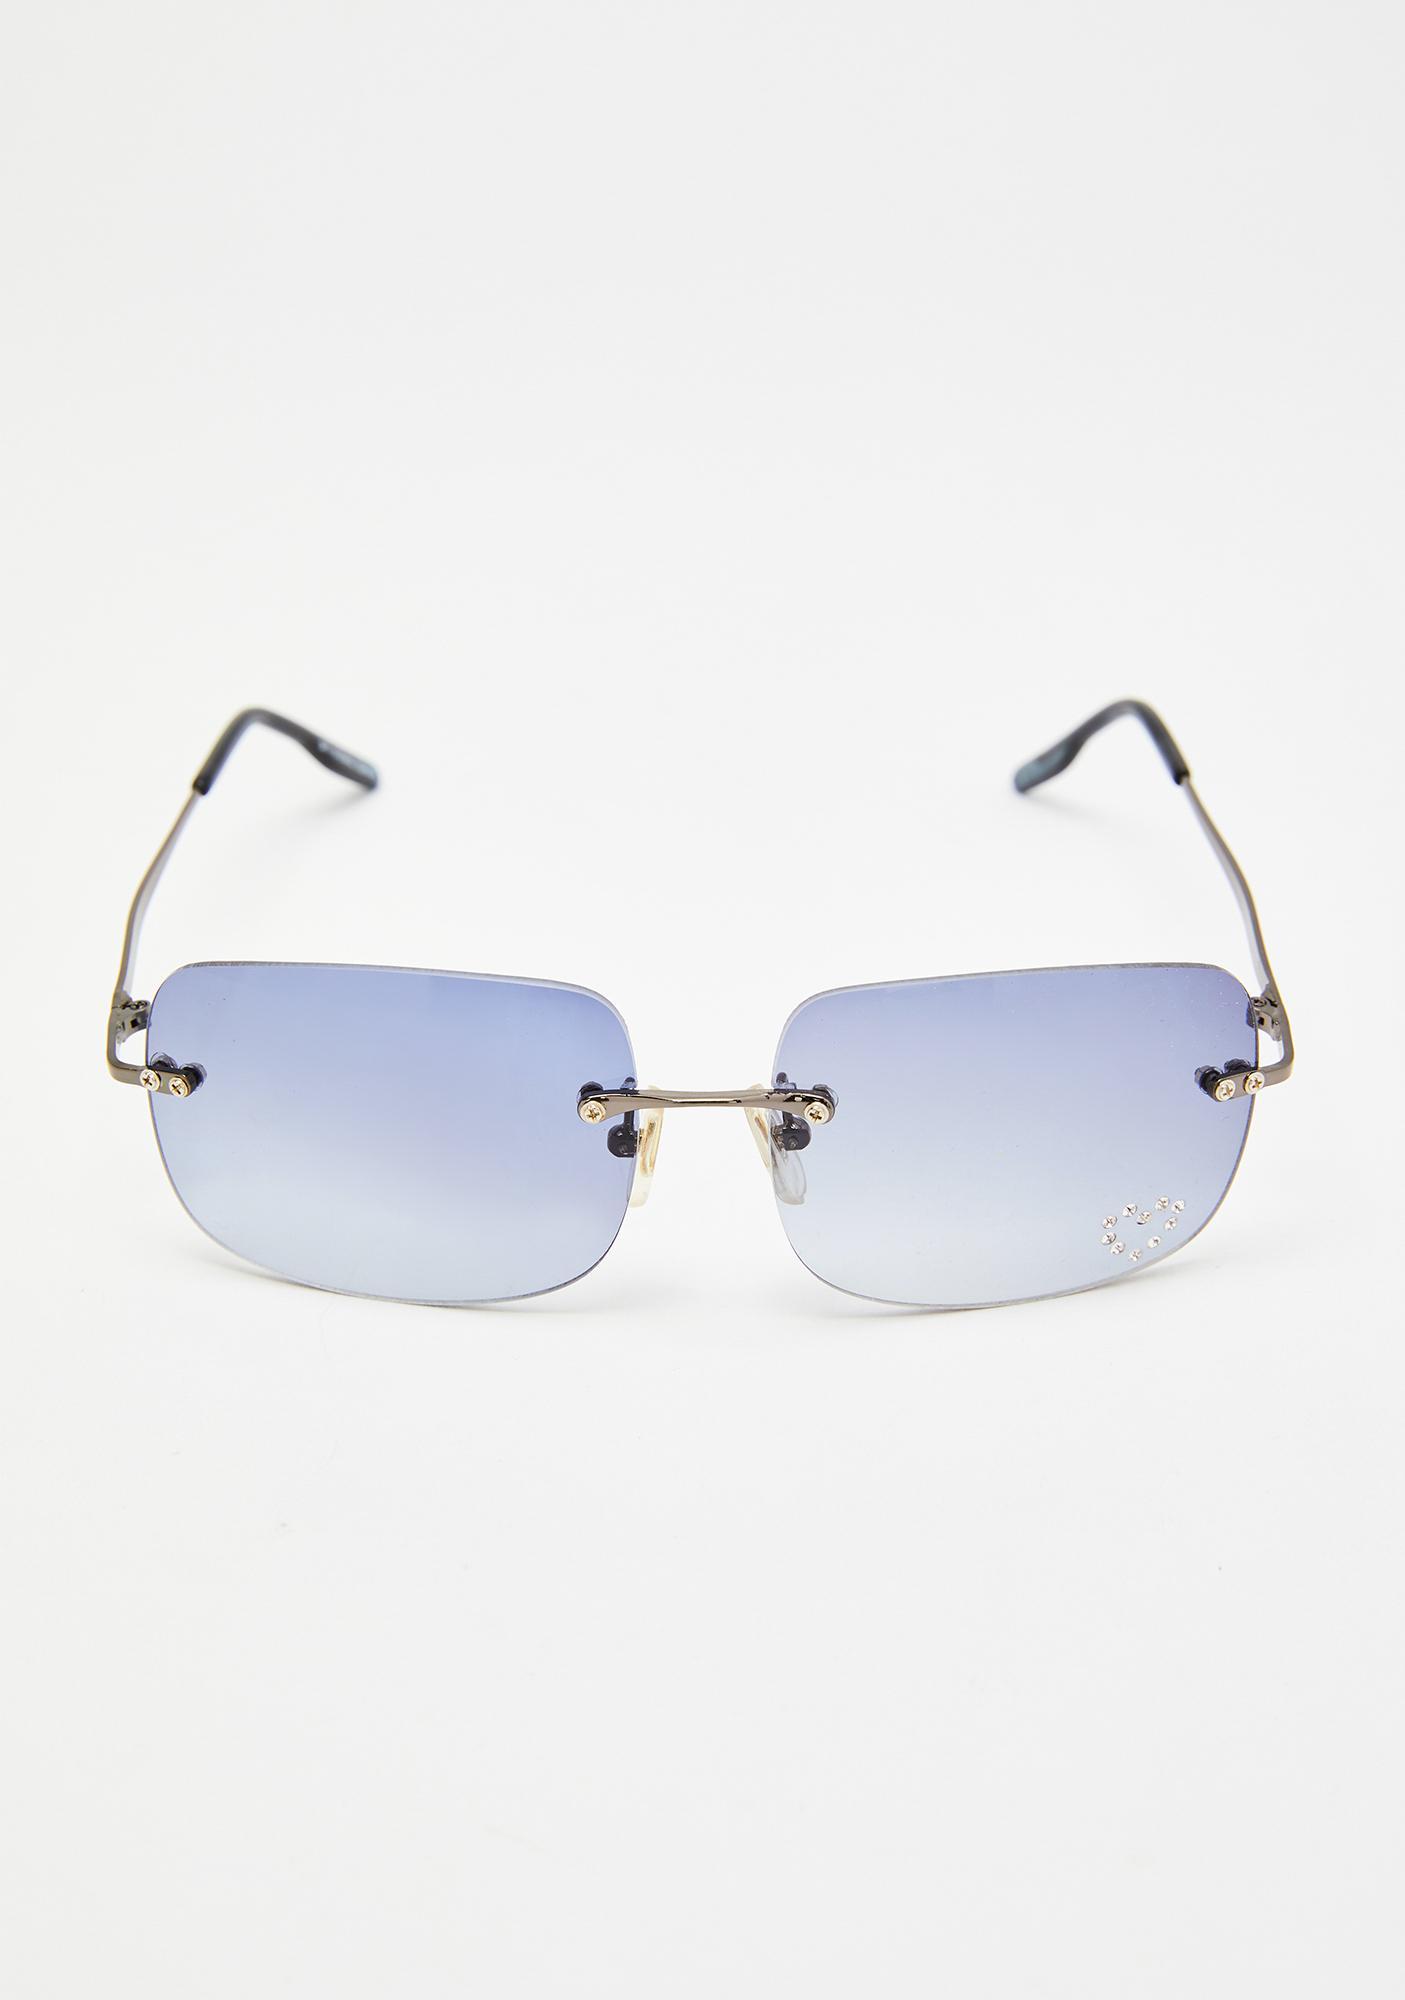 The Cobra Snake OG JLO Sunglasses